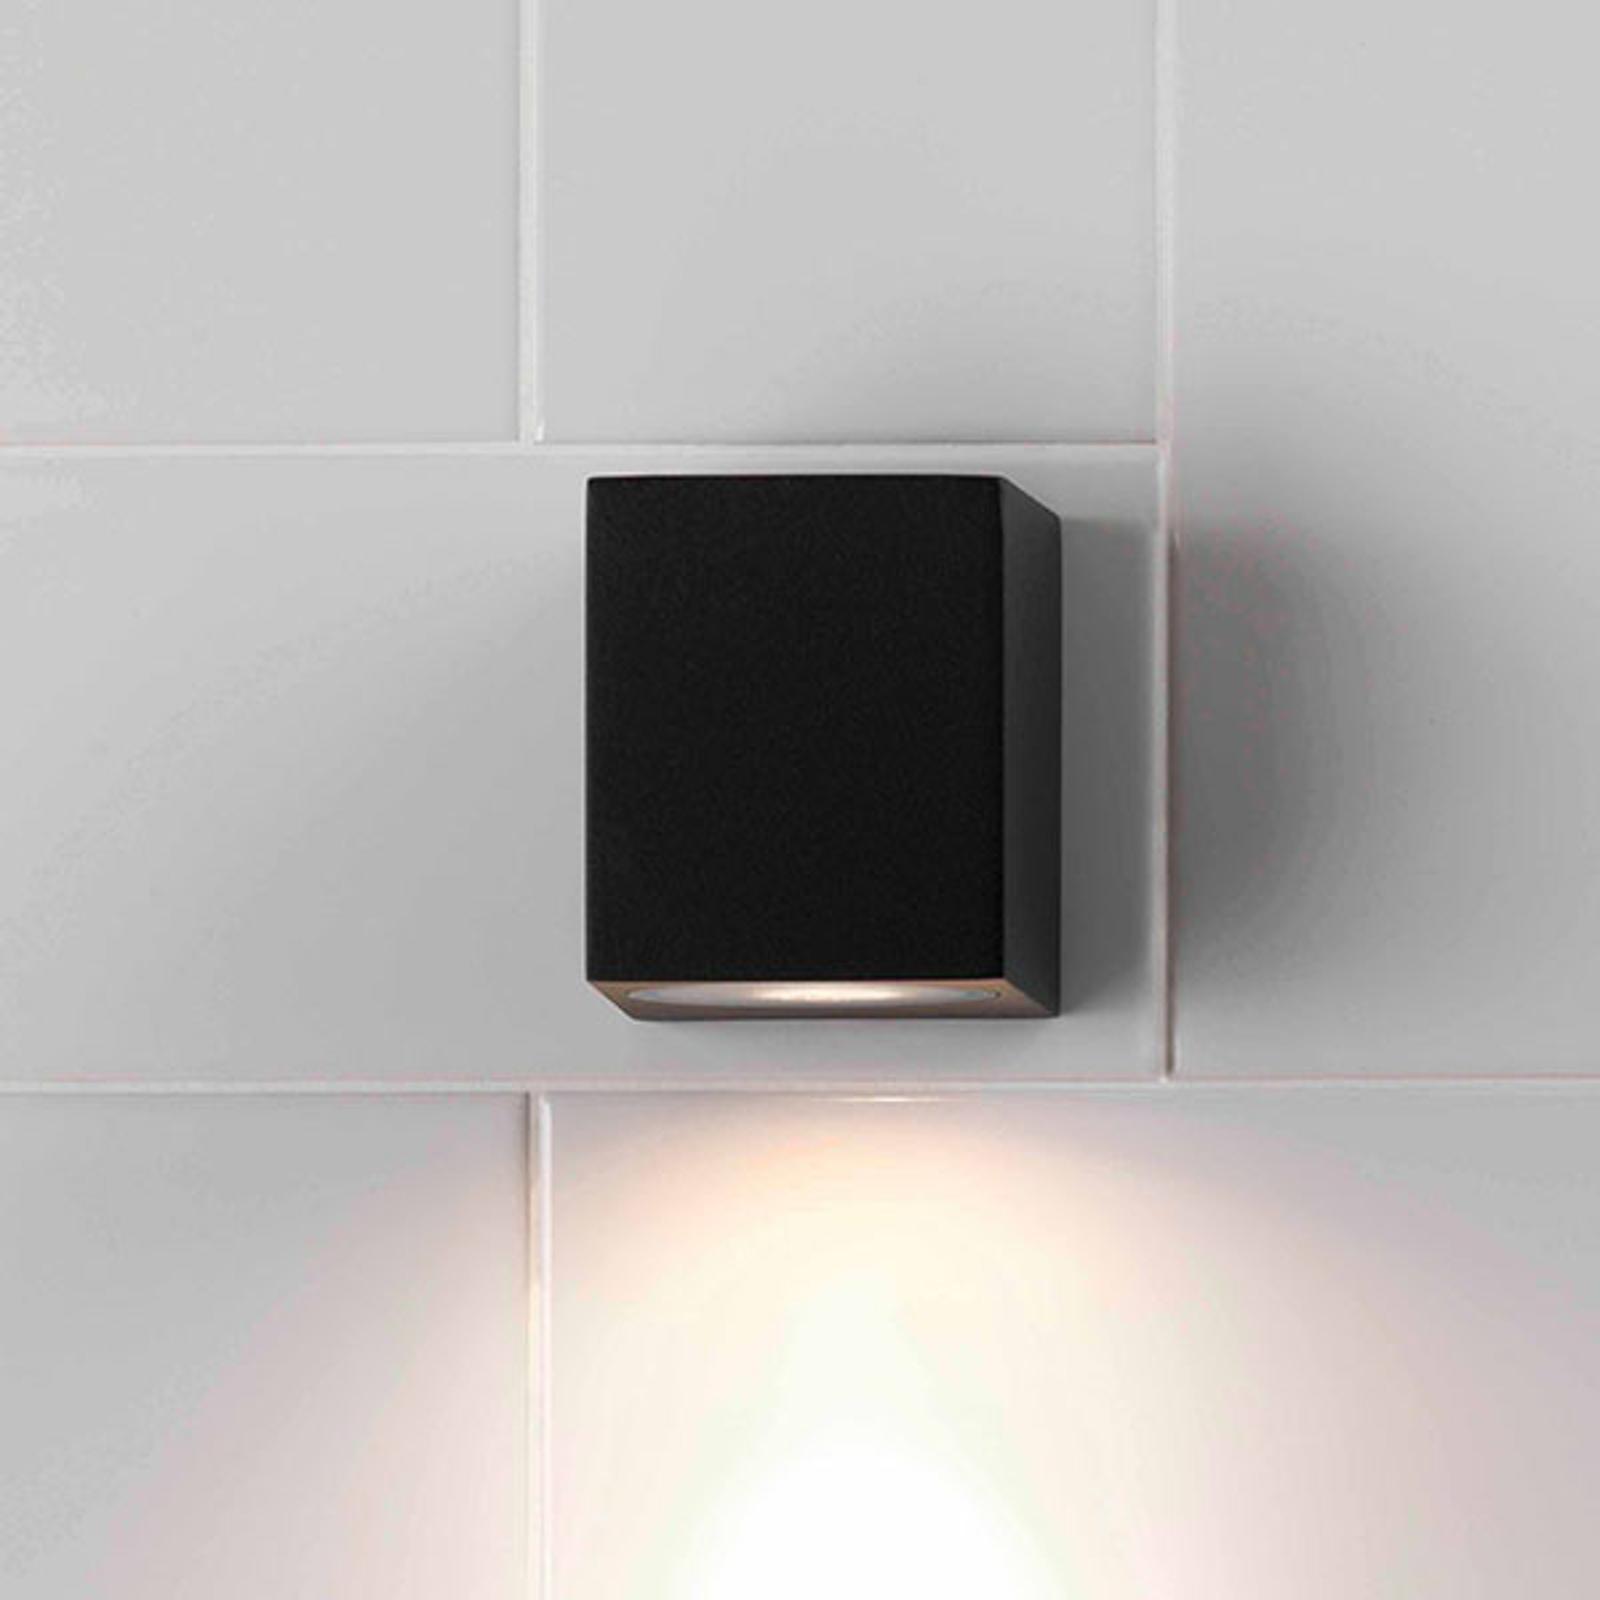 Astro Chios 80 - applique d'ext. compacte noire